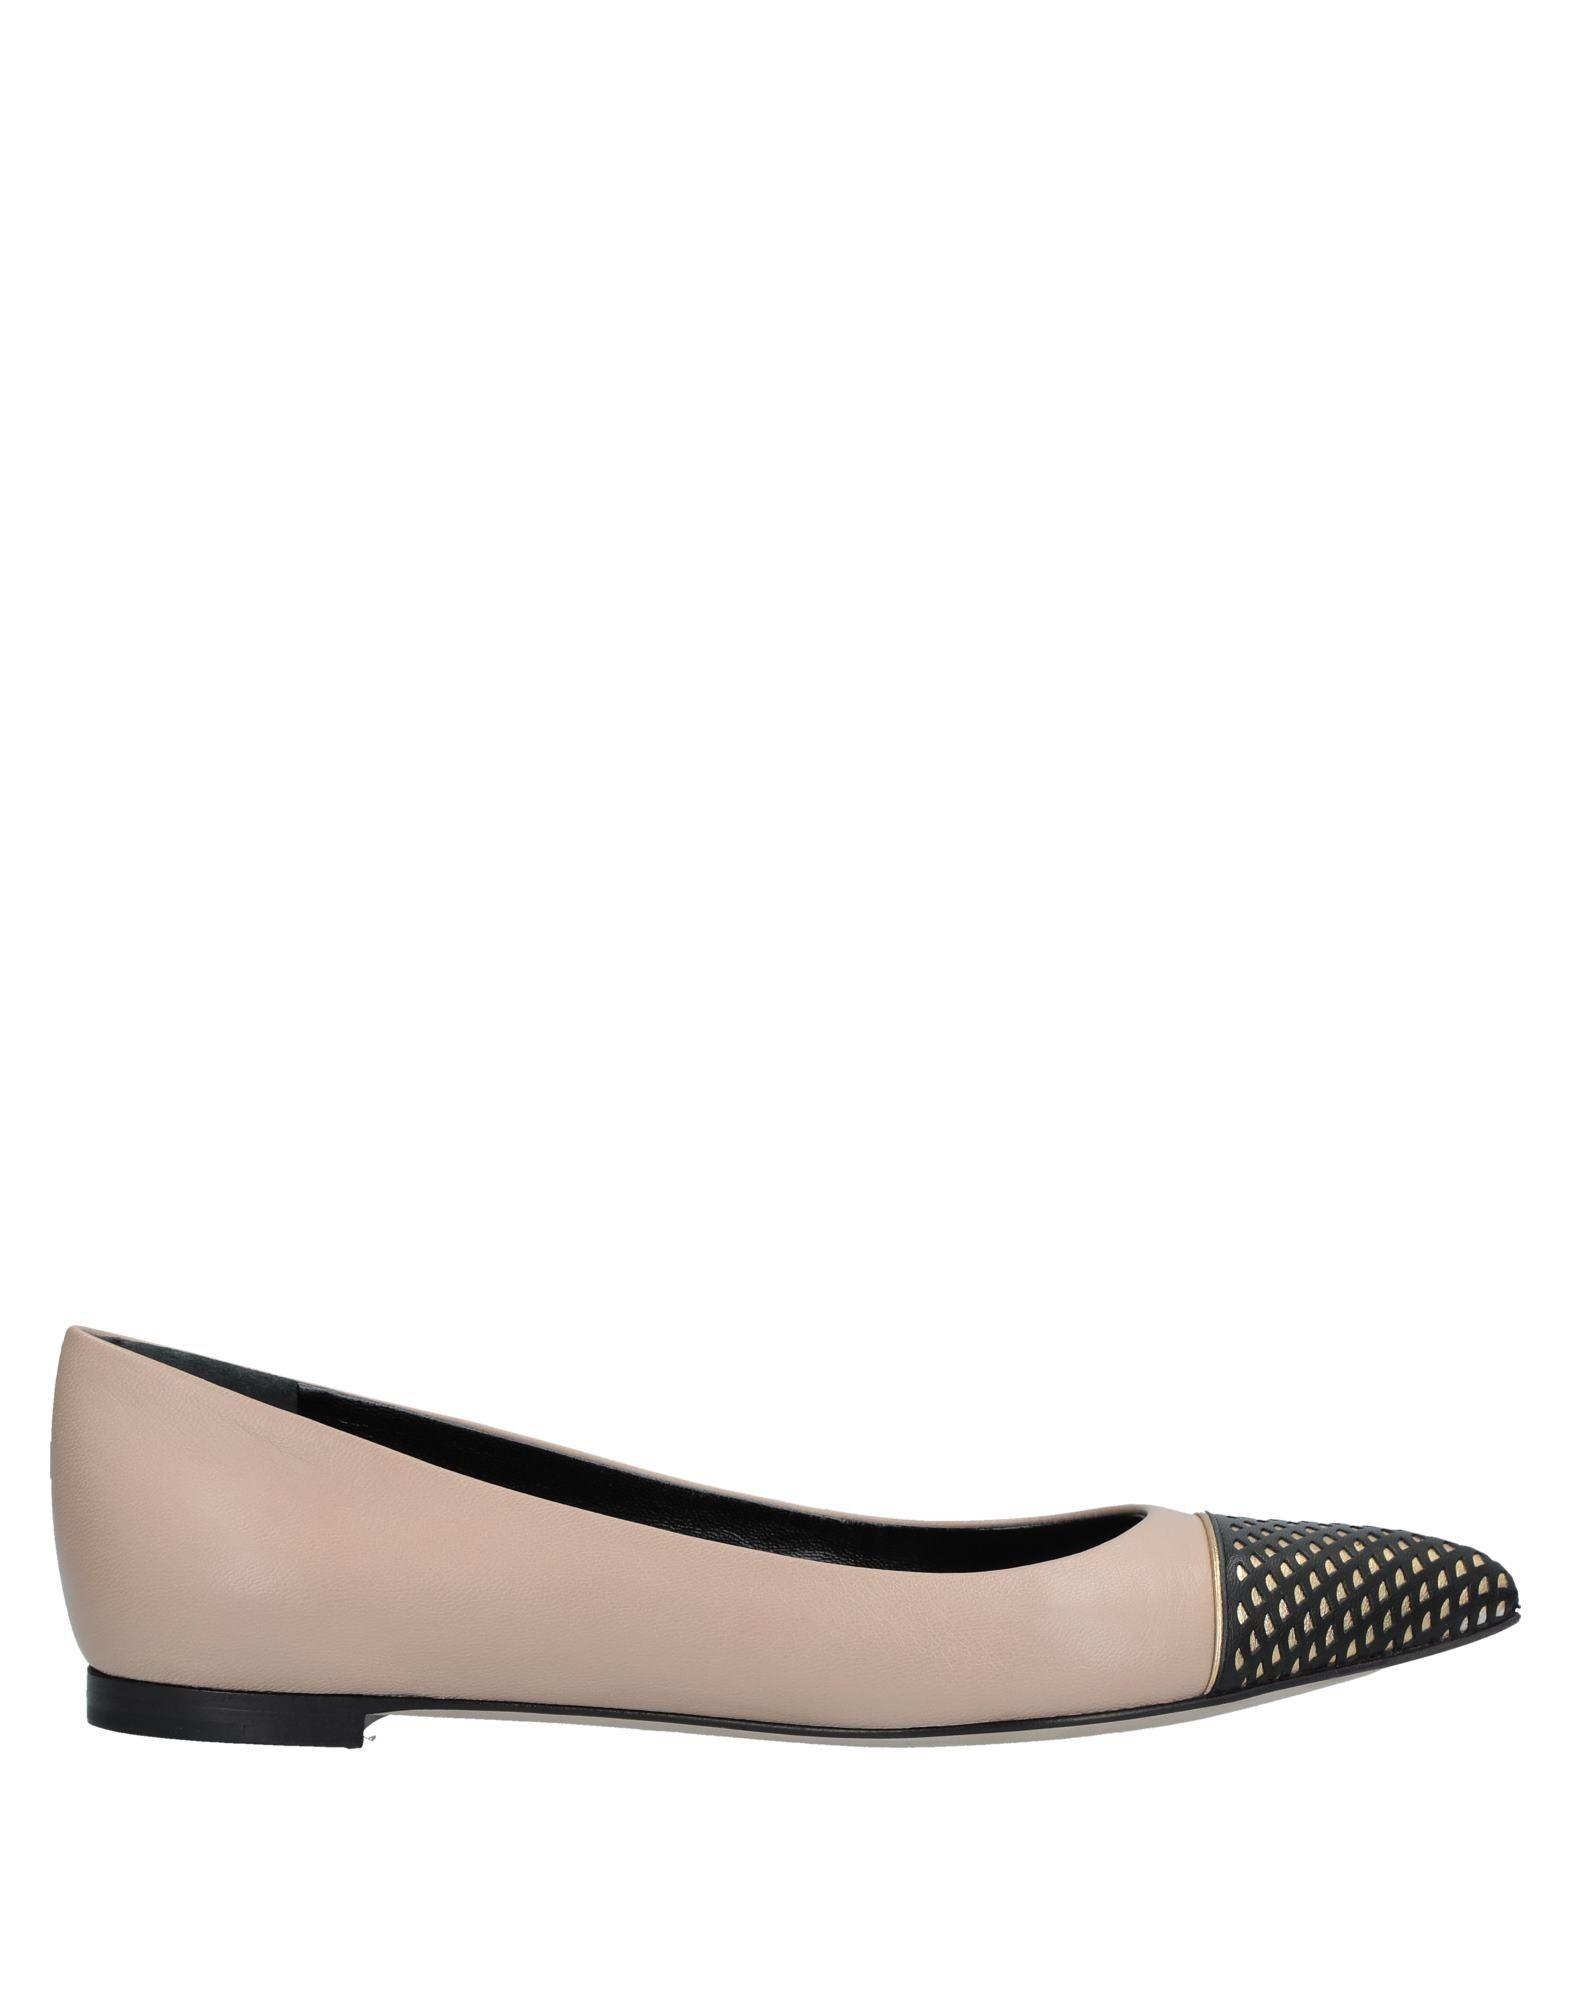 Sergio Rossi Ballet Flats - Women Sergio Rossi Ballet Flats Kingdom online on  United Kingdom Flats - 11525918DU 7da1f9